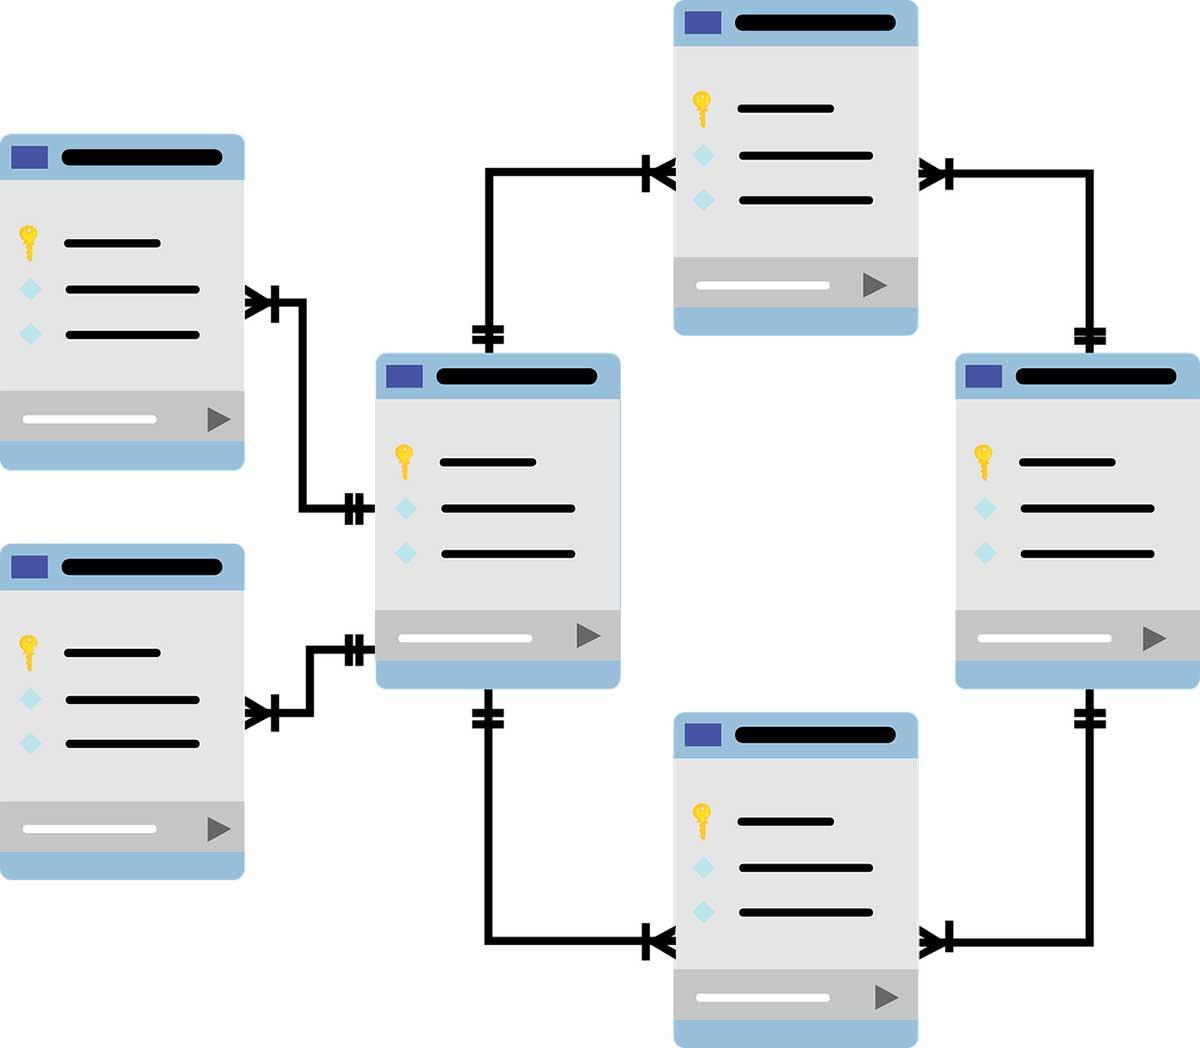 baze podataka i relacije izmedju tabela